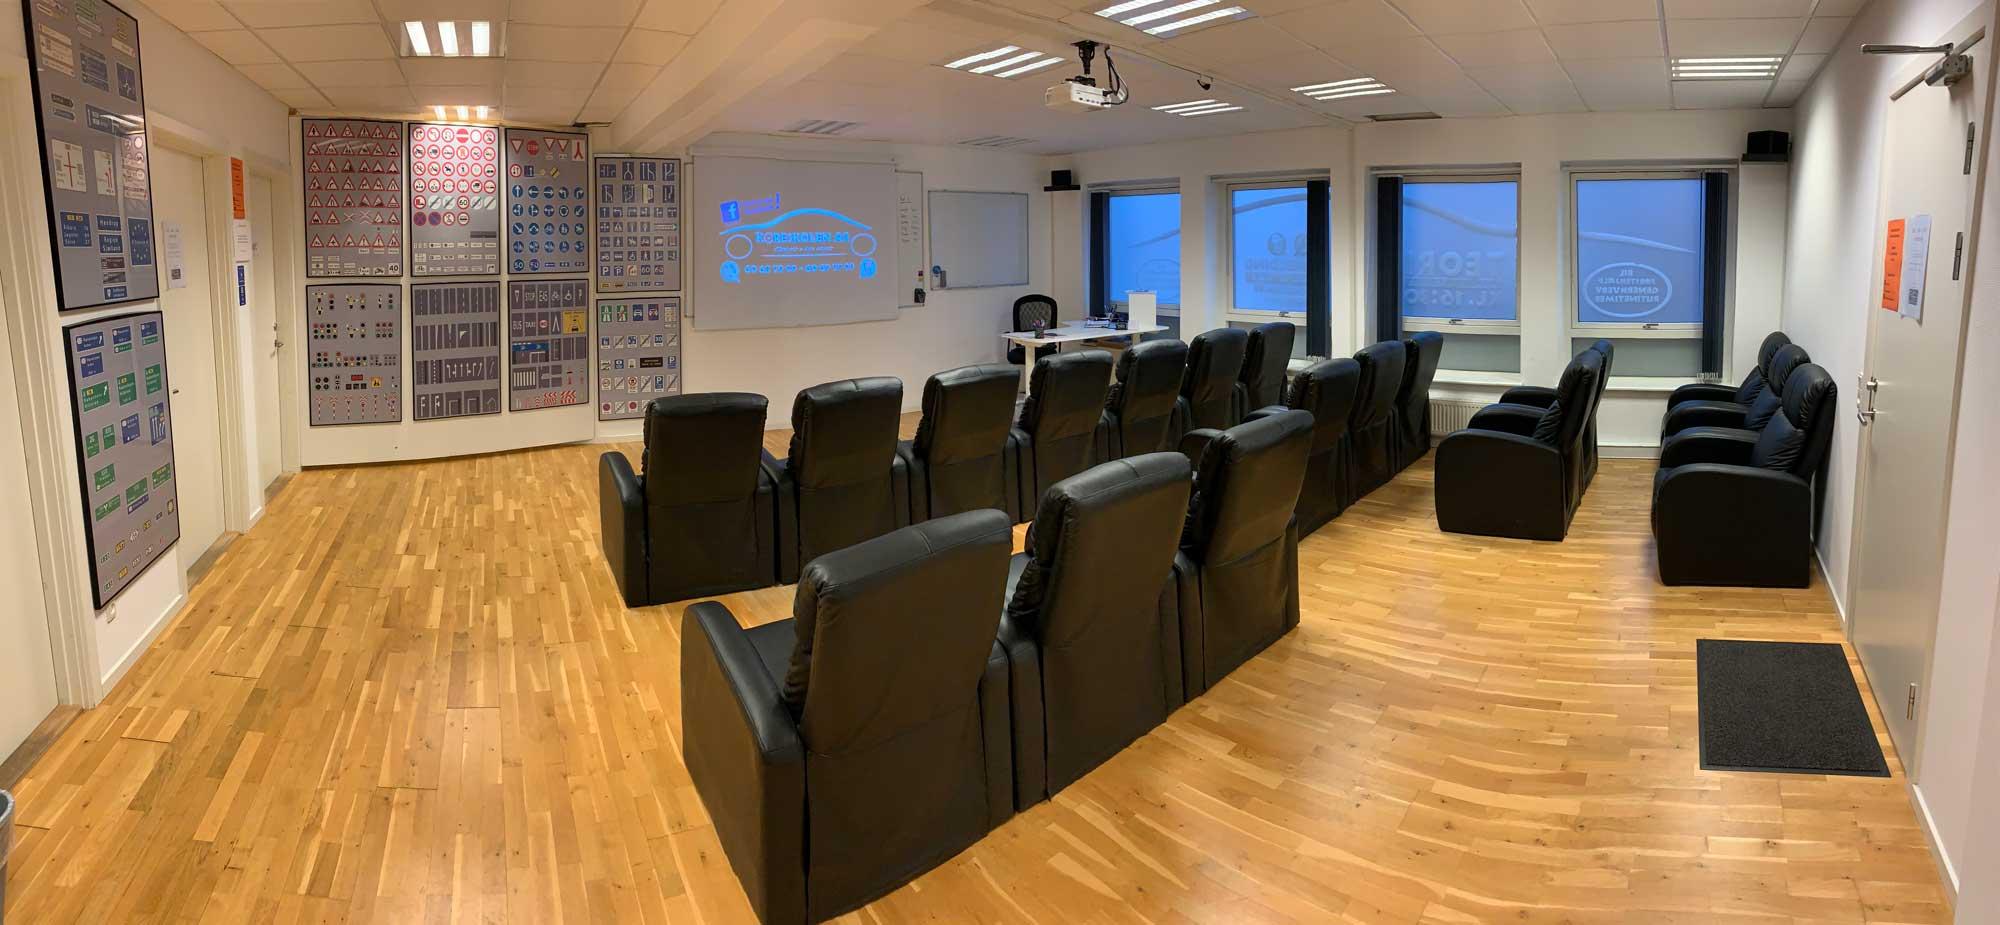 Køreskole Silkeborg - undervisningslokalet